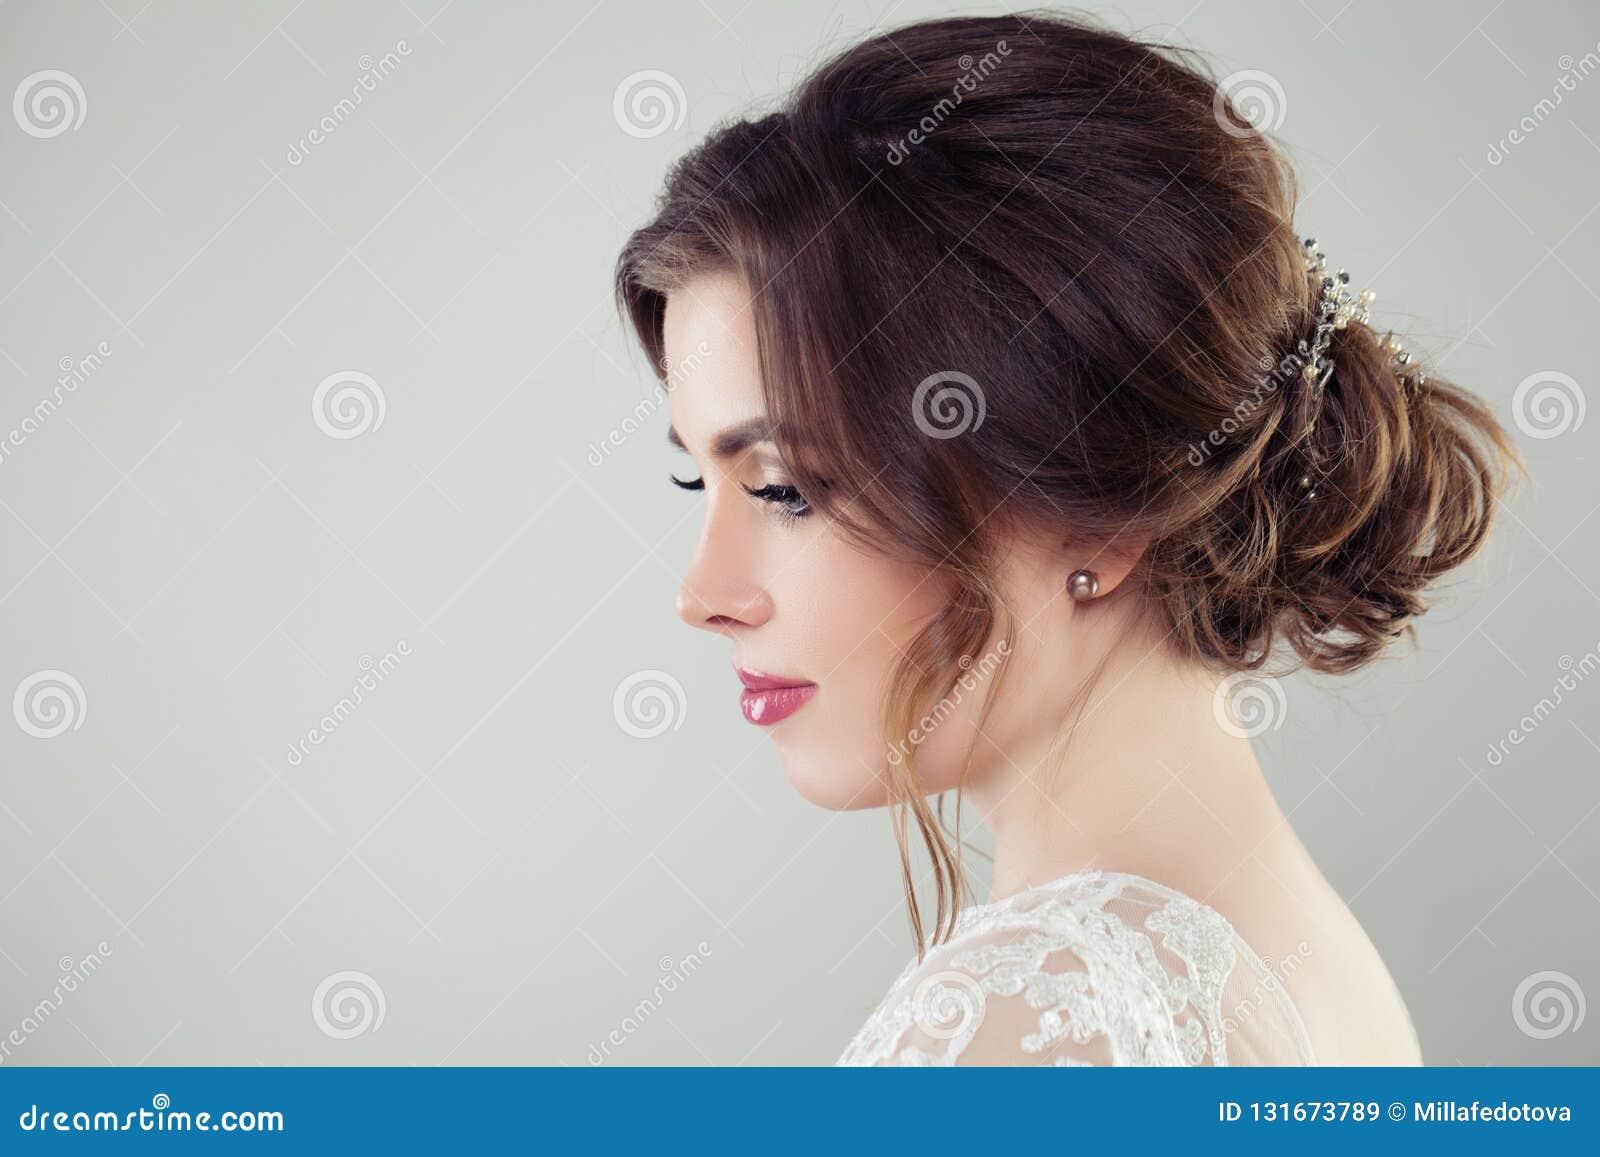 b0e3a5fc10d4cc Bruids Voorraadbeelden - Download 243